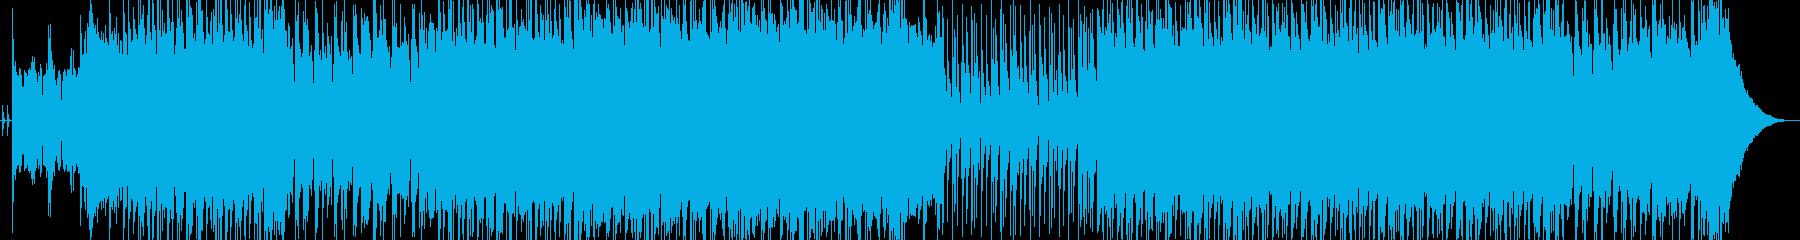 ピアノとバンド演奏の和やかなロック曲の再生済みの波形